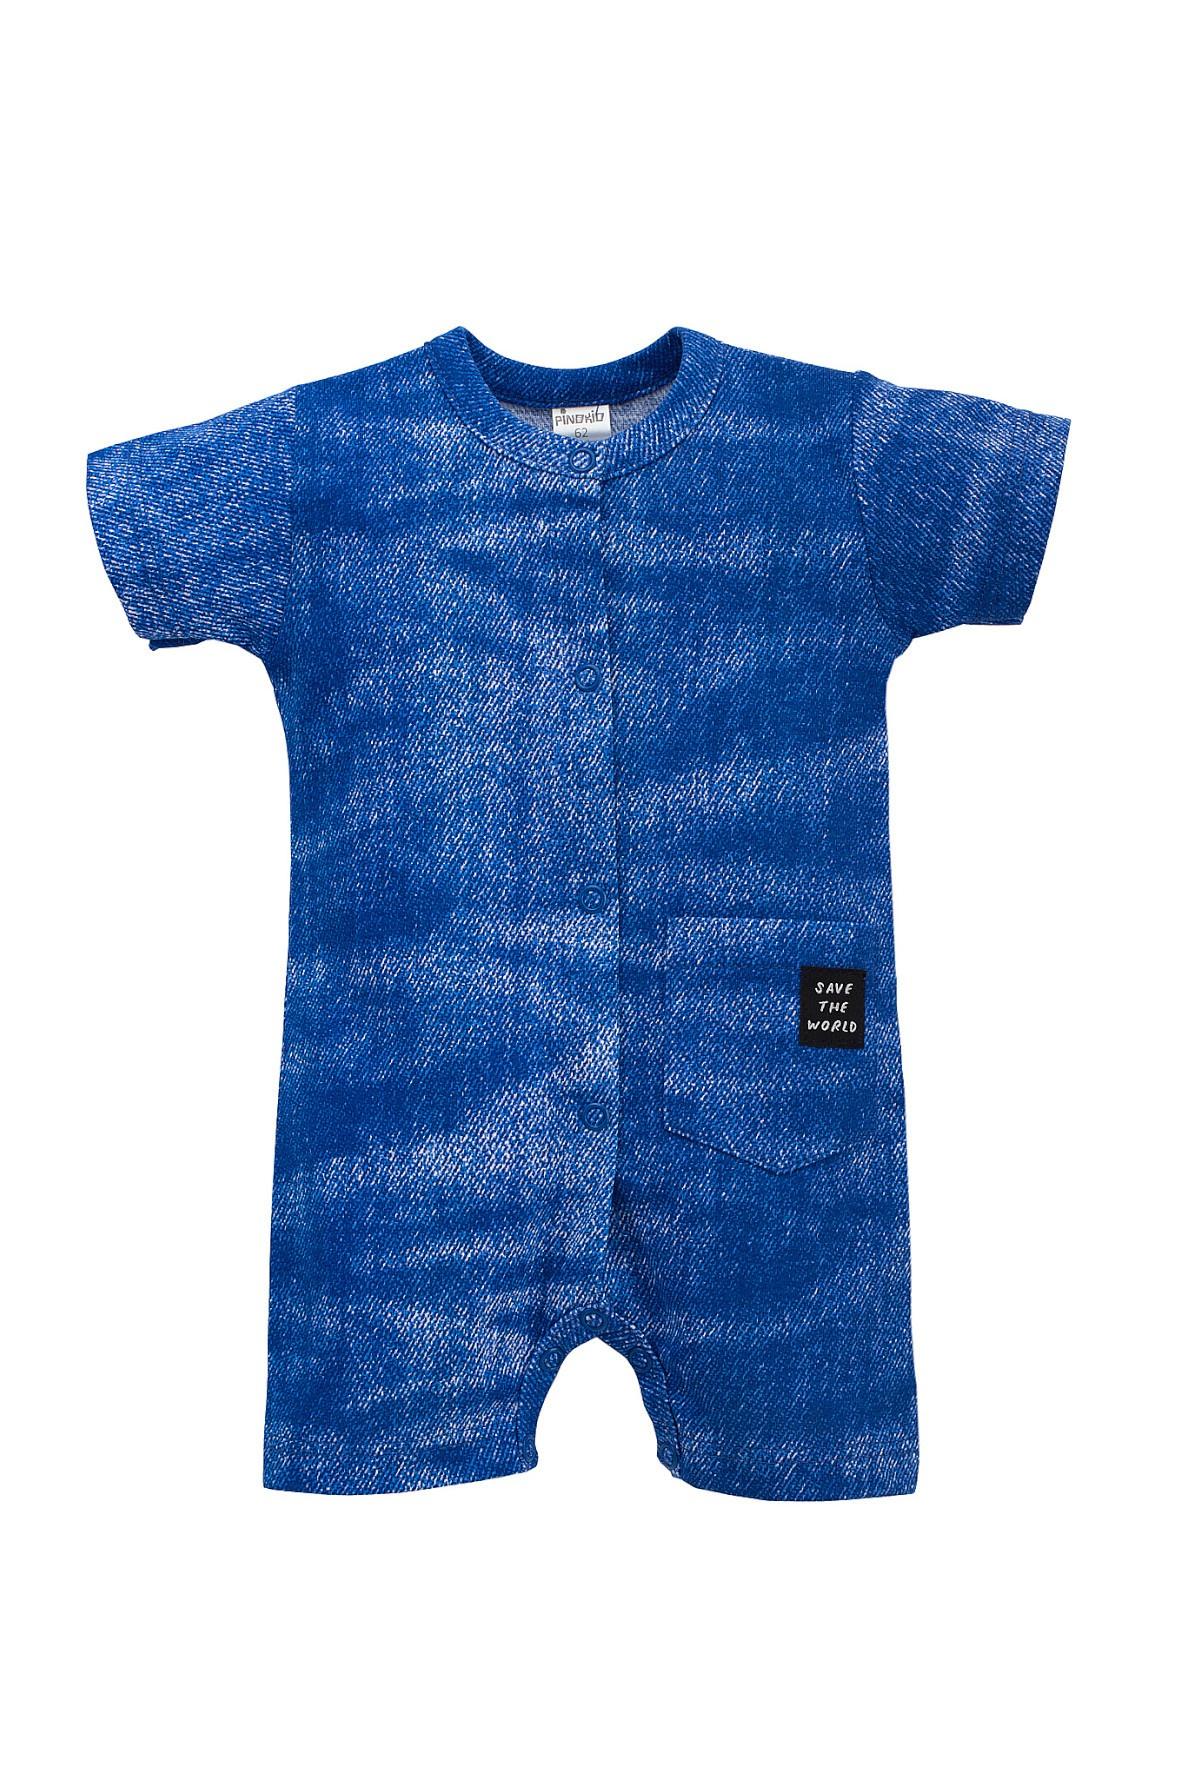 Rampers chłopięcy niebieski- imitacja jeansu